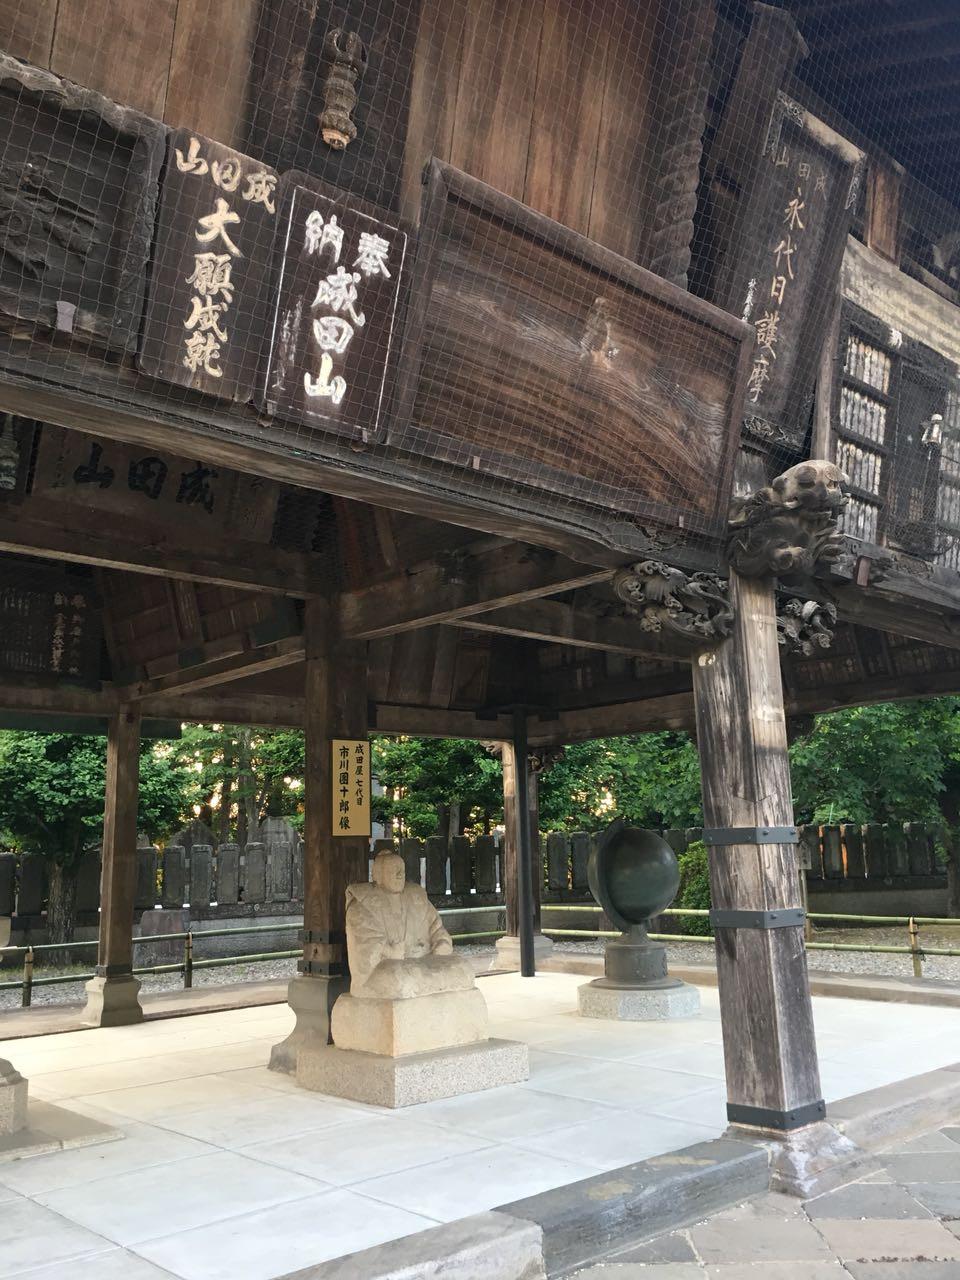 статуя актера театра Кабуки Итикава Дандзюро.